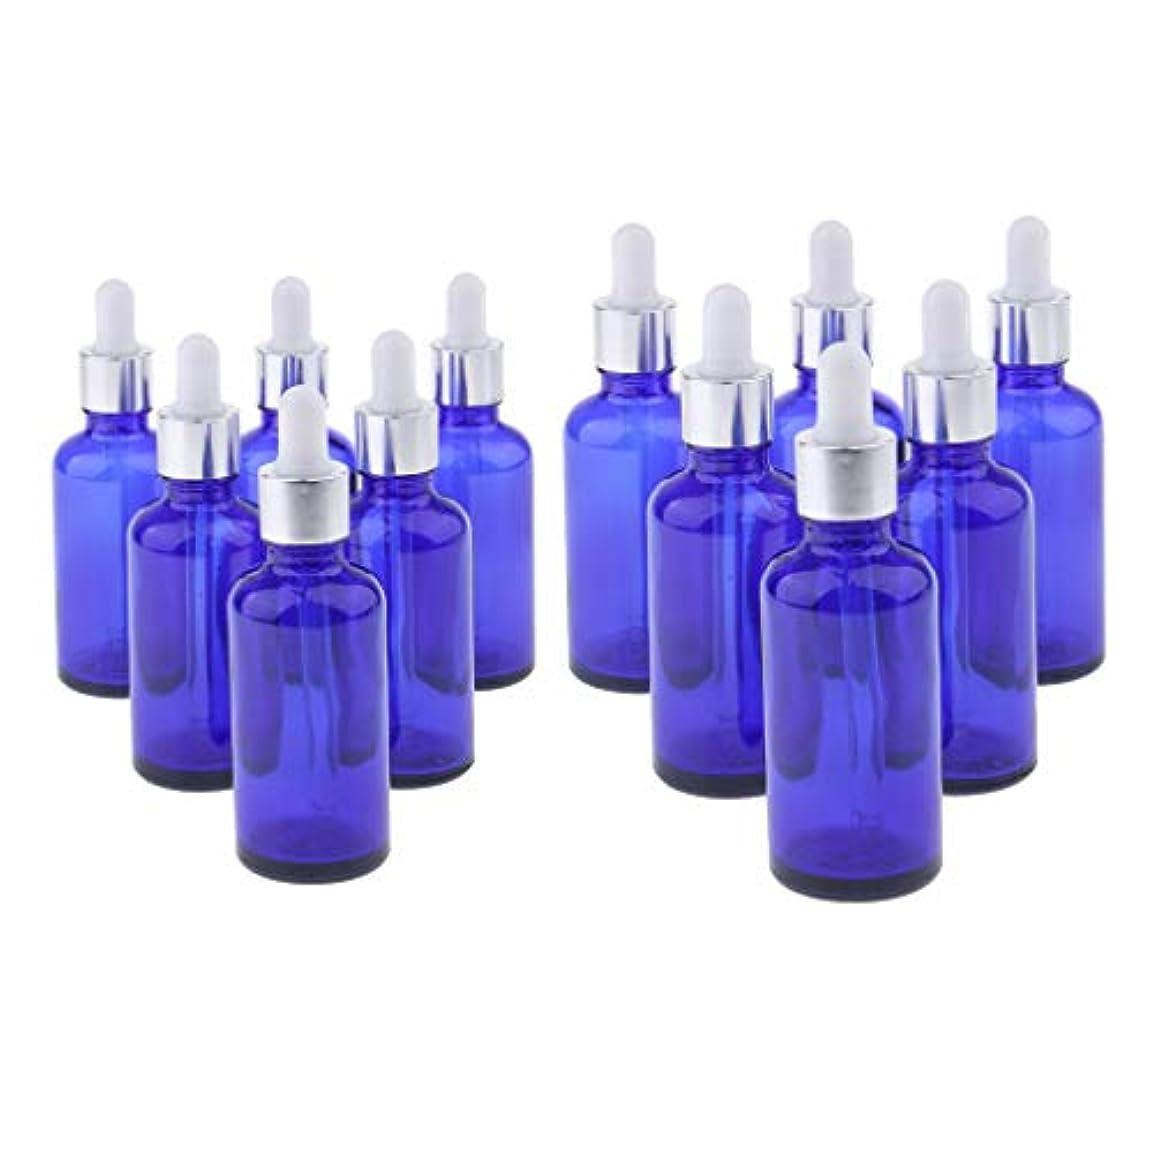 常習者公平苦悩12個 2サイズ 精油ボトル スポイトボトル ガラス エッセンシャルオイル 香水 保存 詰替え